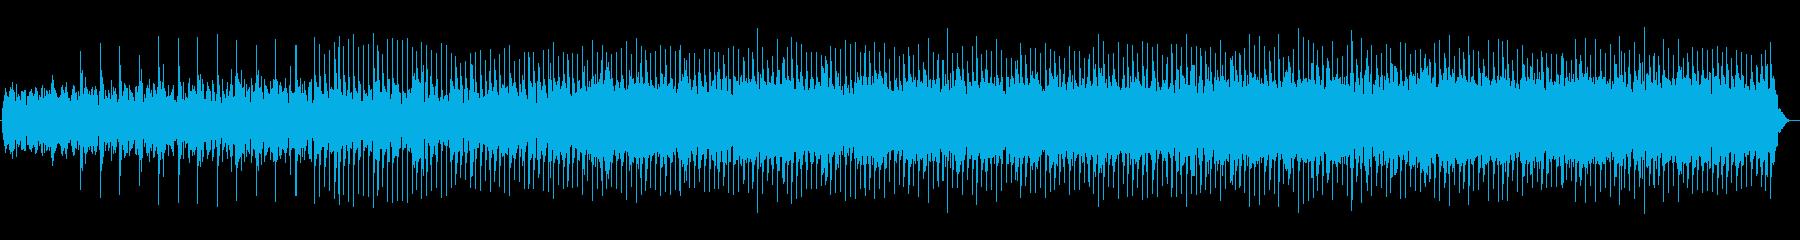 低音の効いたリズミカルな曲の再生済みの波形